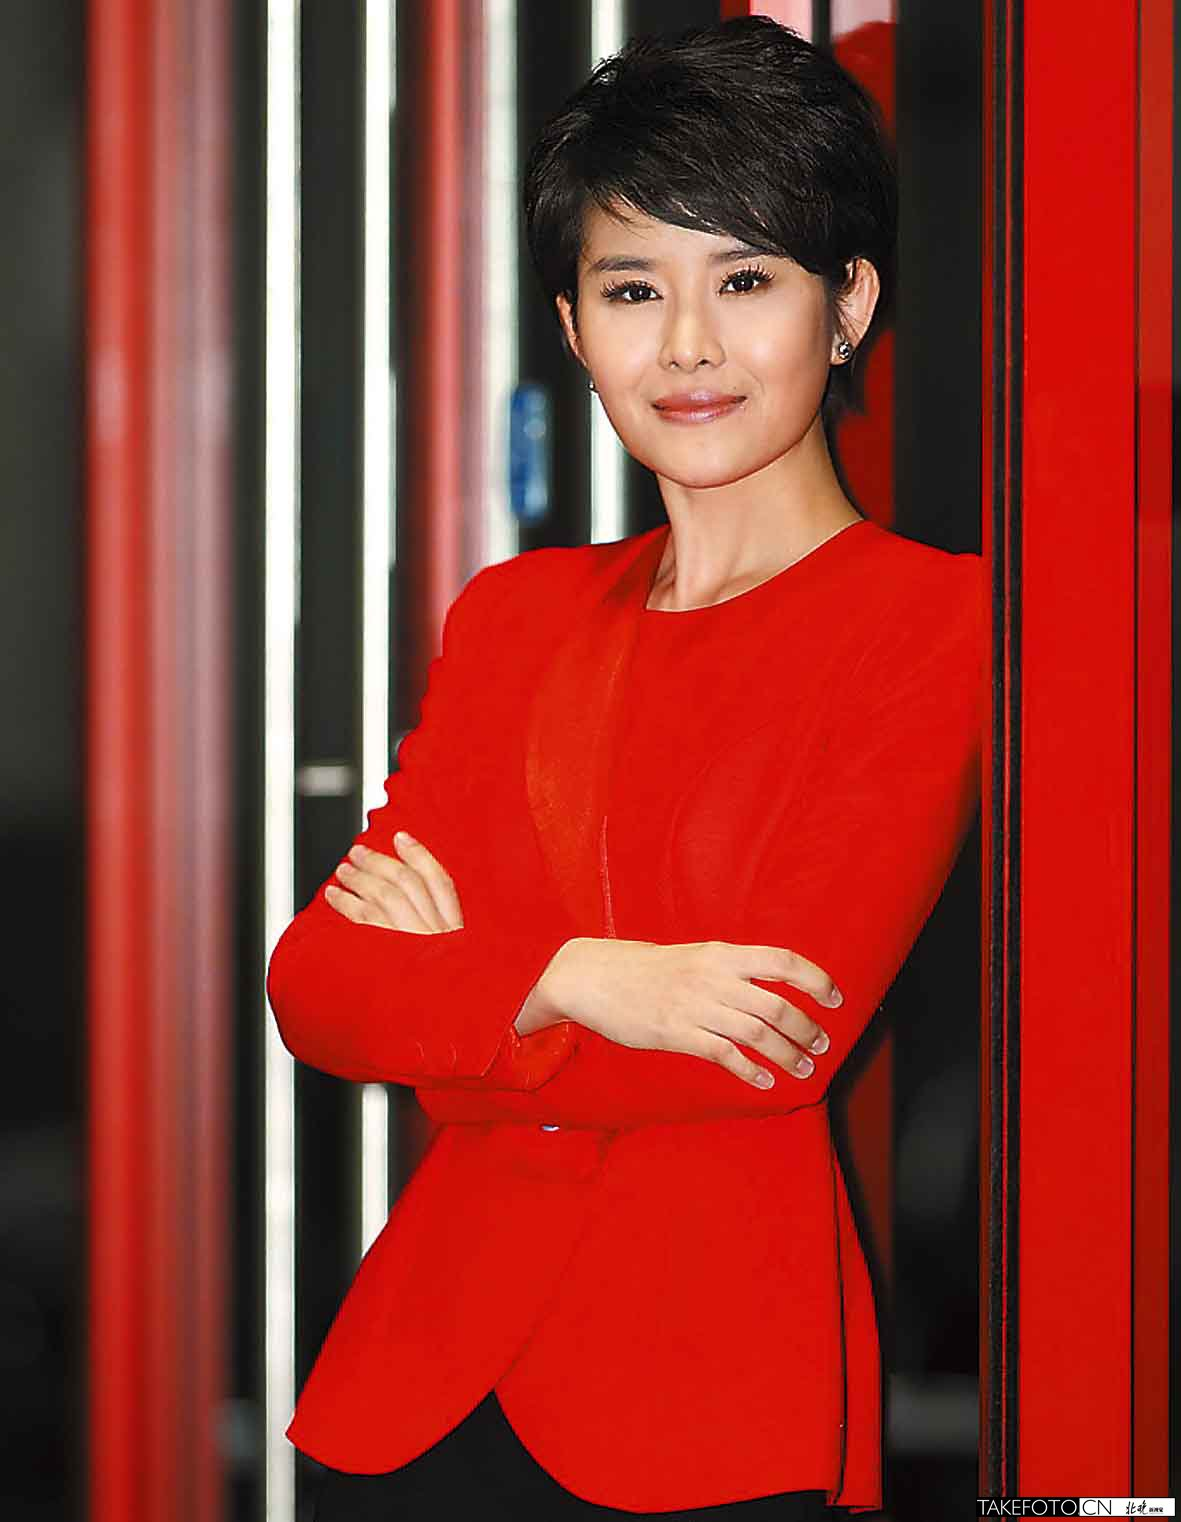 中央财经台主持人_王宁(中央电视台新闻频道主持人) - 搜狗百科